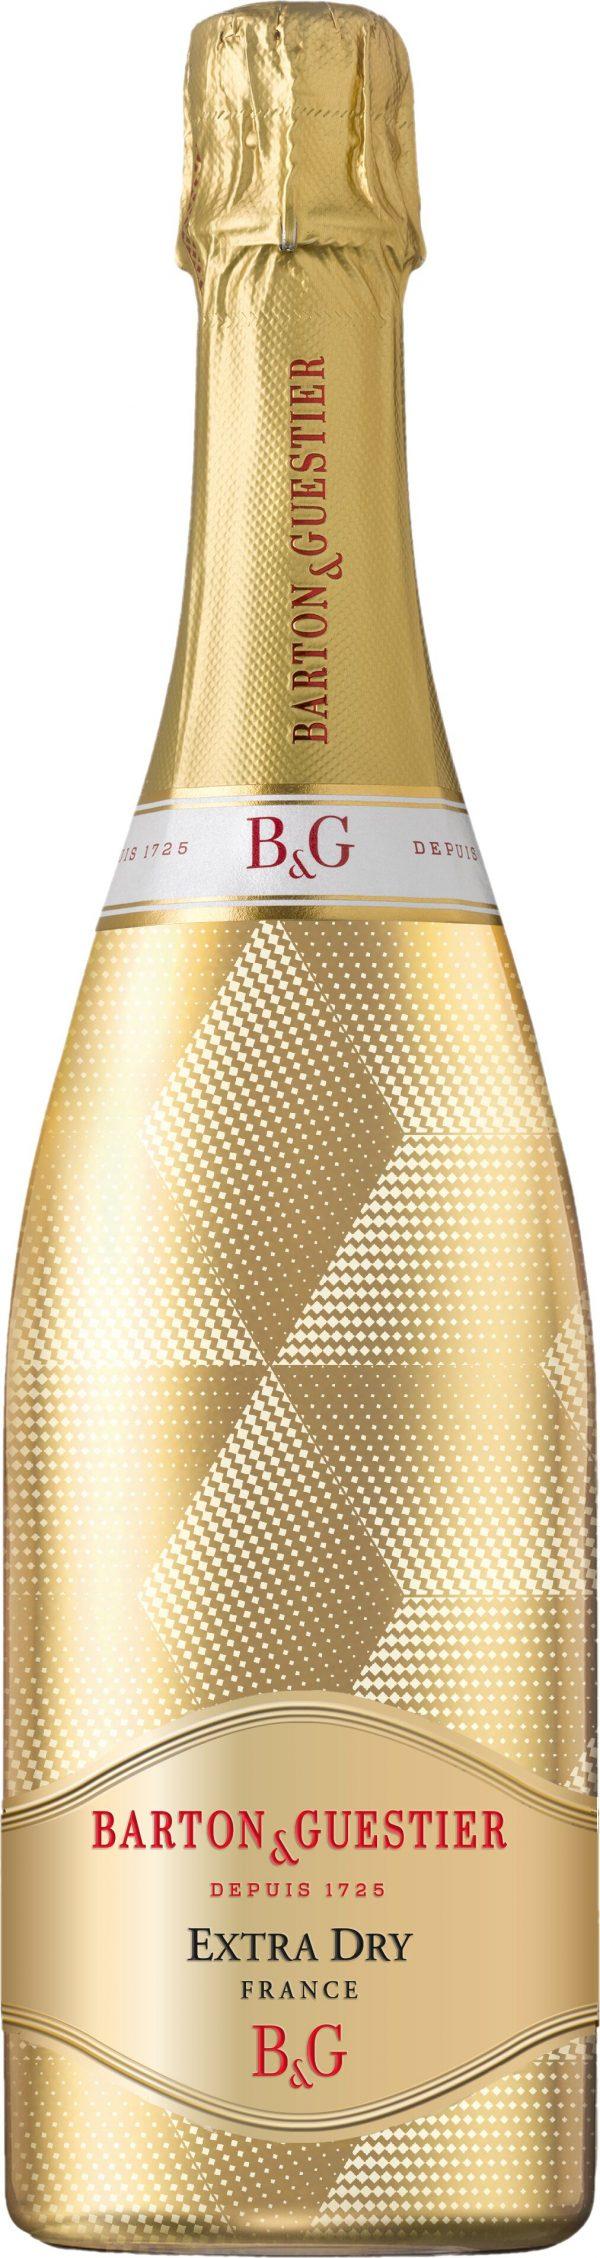 B&G Extra Dry 75cl